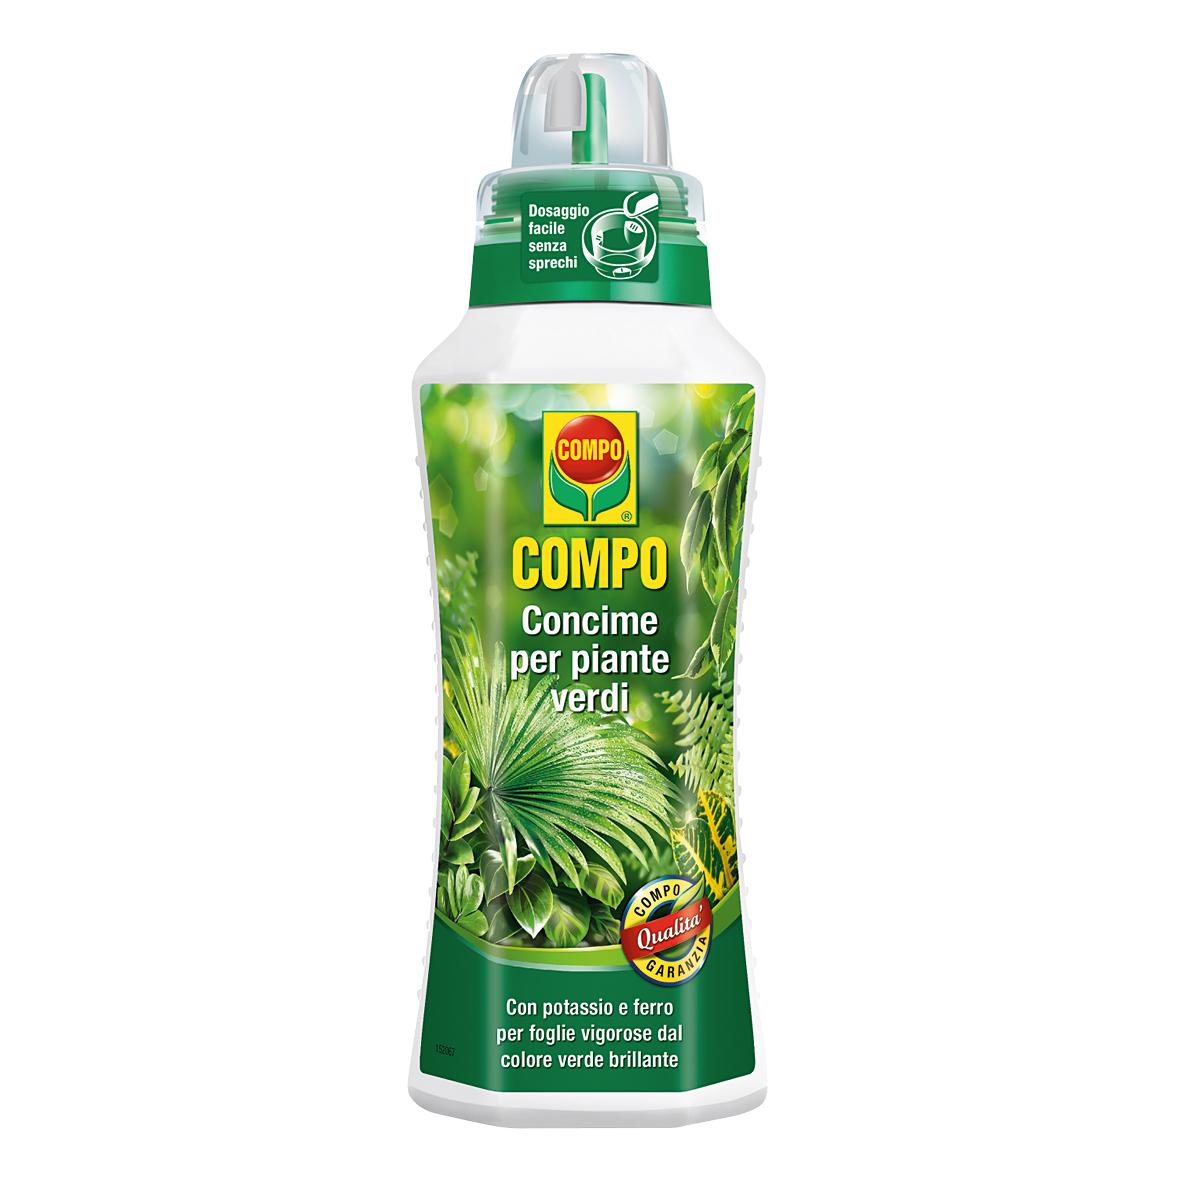 Compo Concime piante verdi